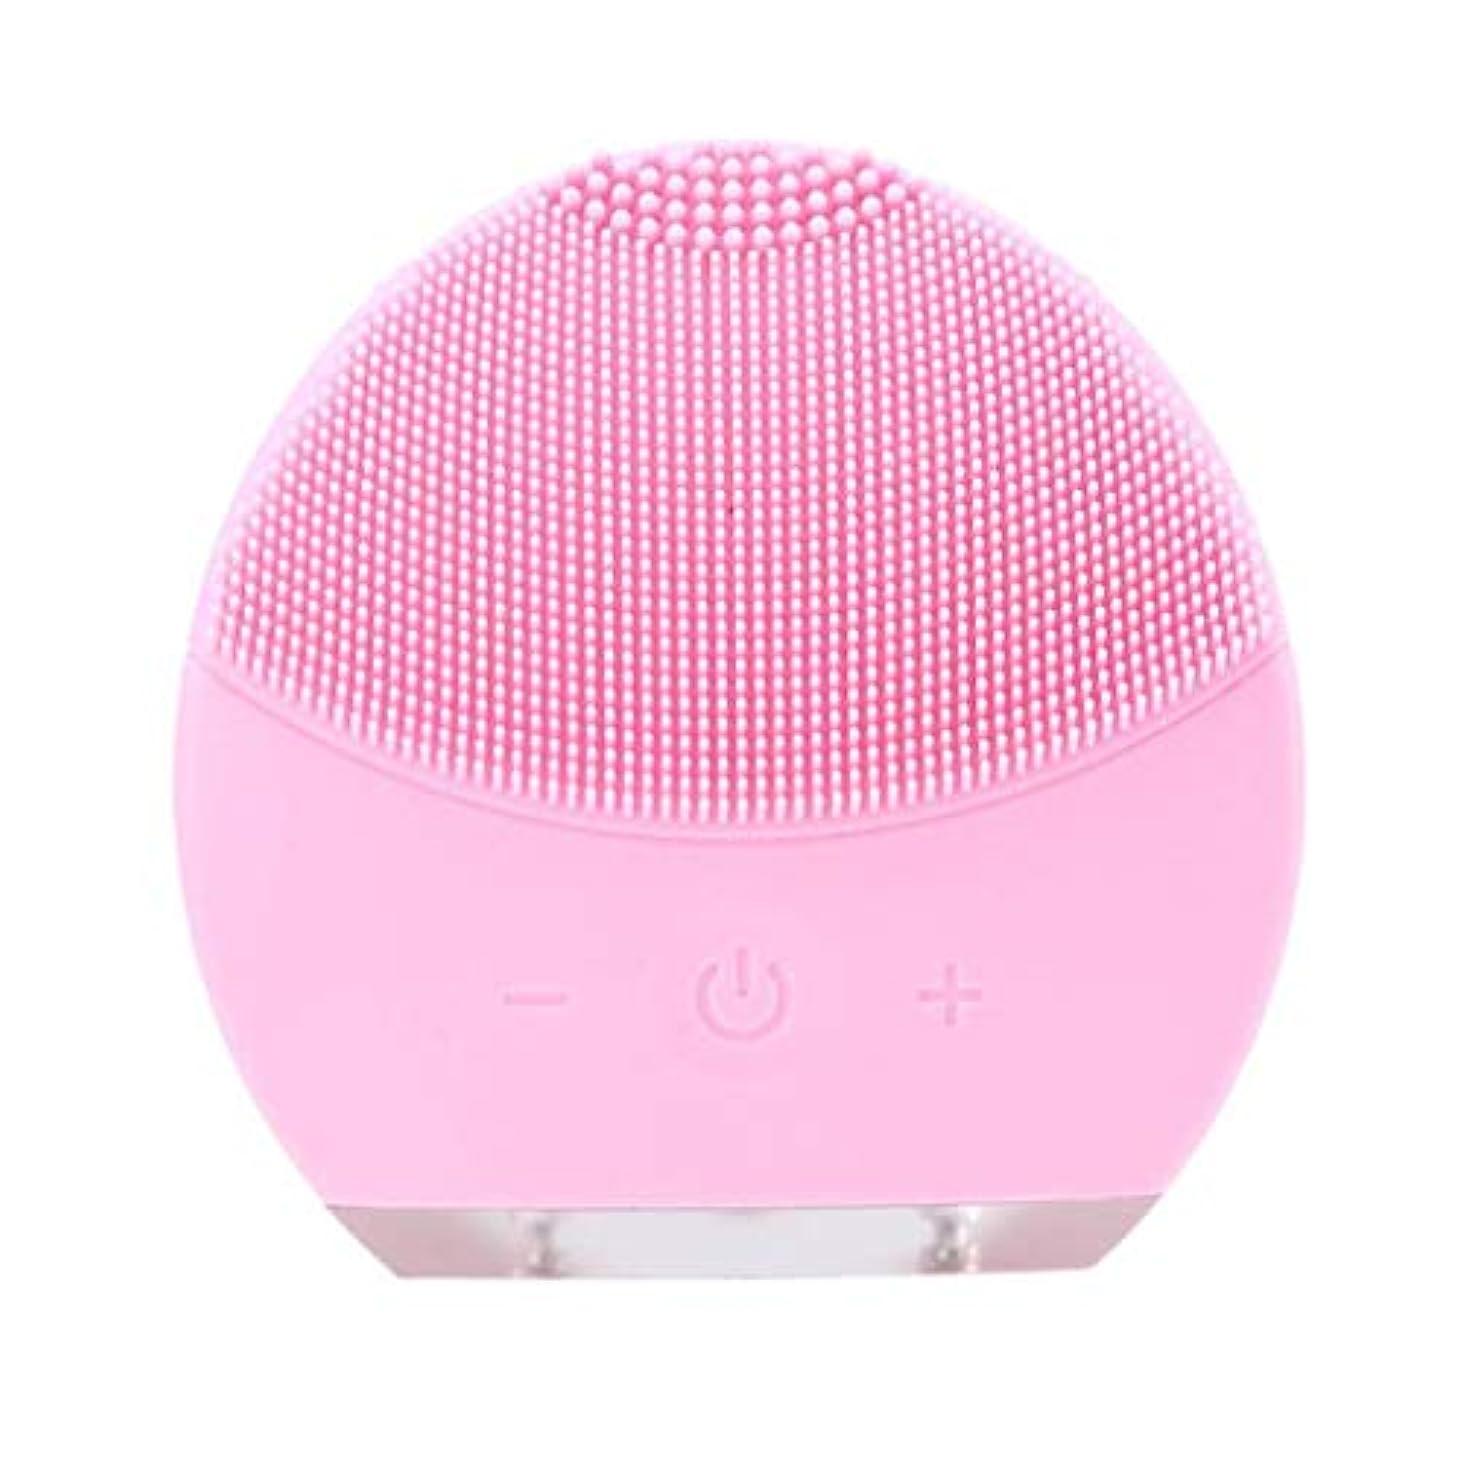 反逆者暗殺者刺す超音波振動美容機器洗浄器、皮膚の毛穴を最小限に抑えるマイクロダーマブレーション毛穴、USB 充電と防水,Pink